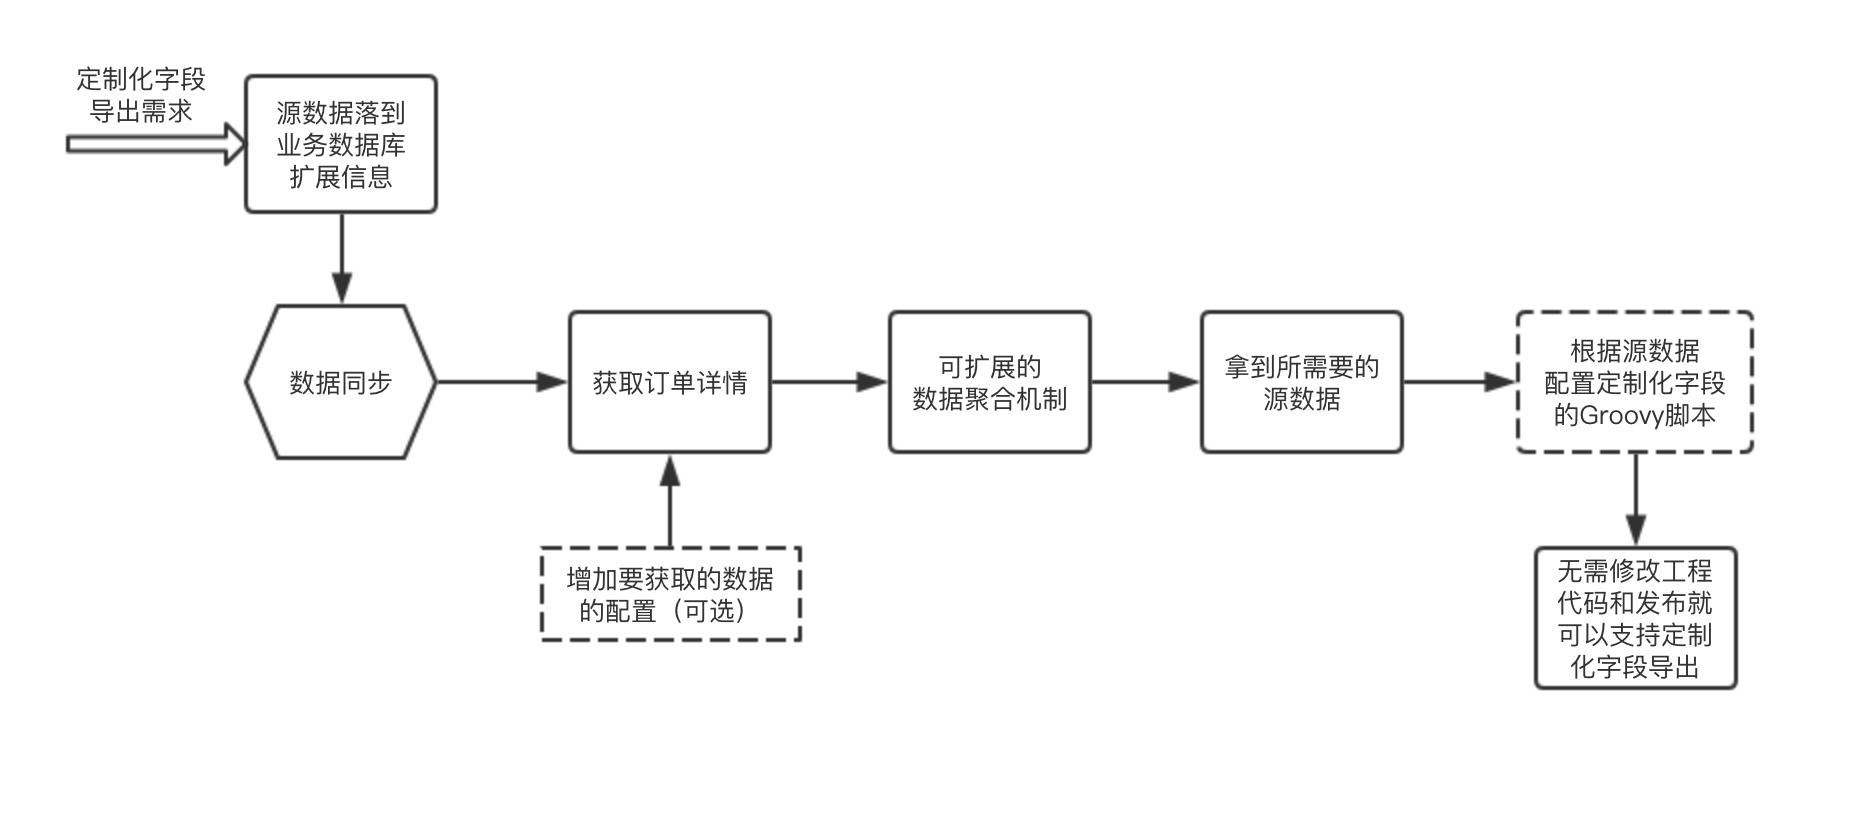 订单导出配置化的整体流程